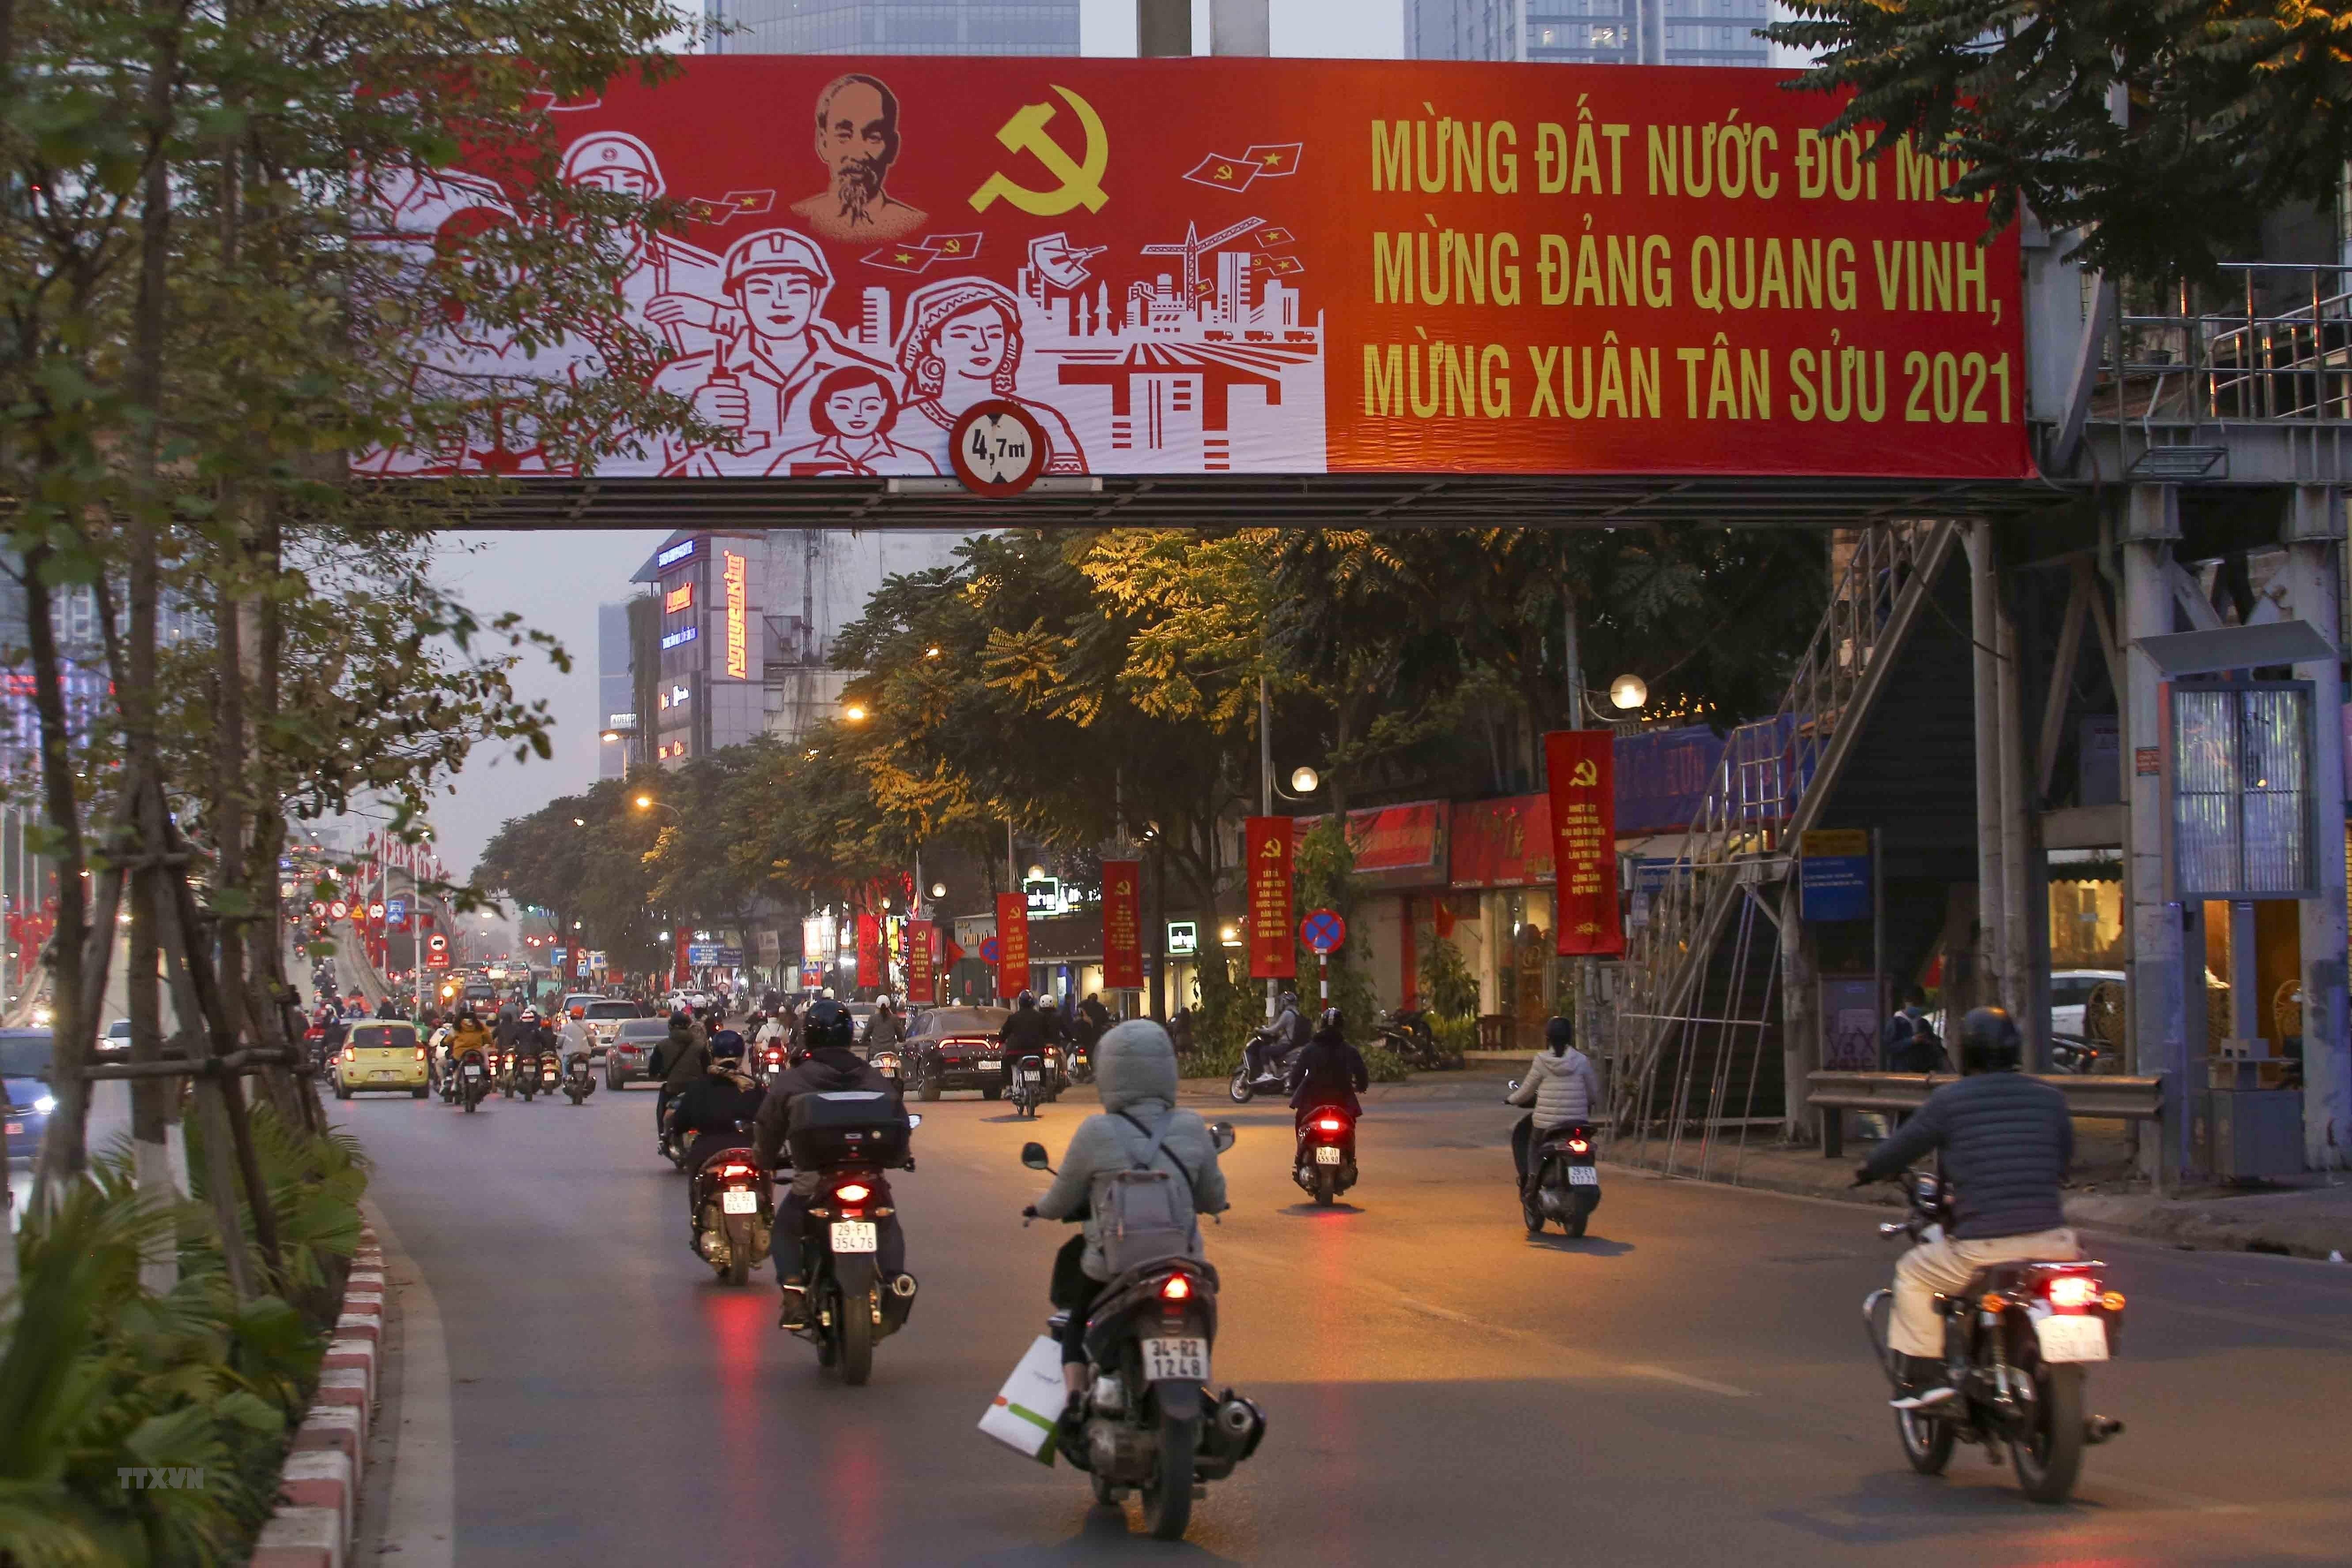 Dai hoi XIII cua Dang: San sang cho Ngay hoi lon cua dat nuoc hinh anh 1